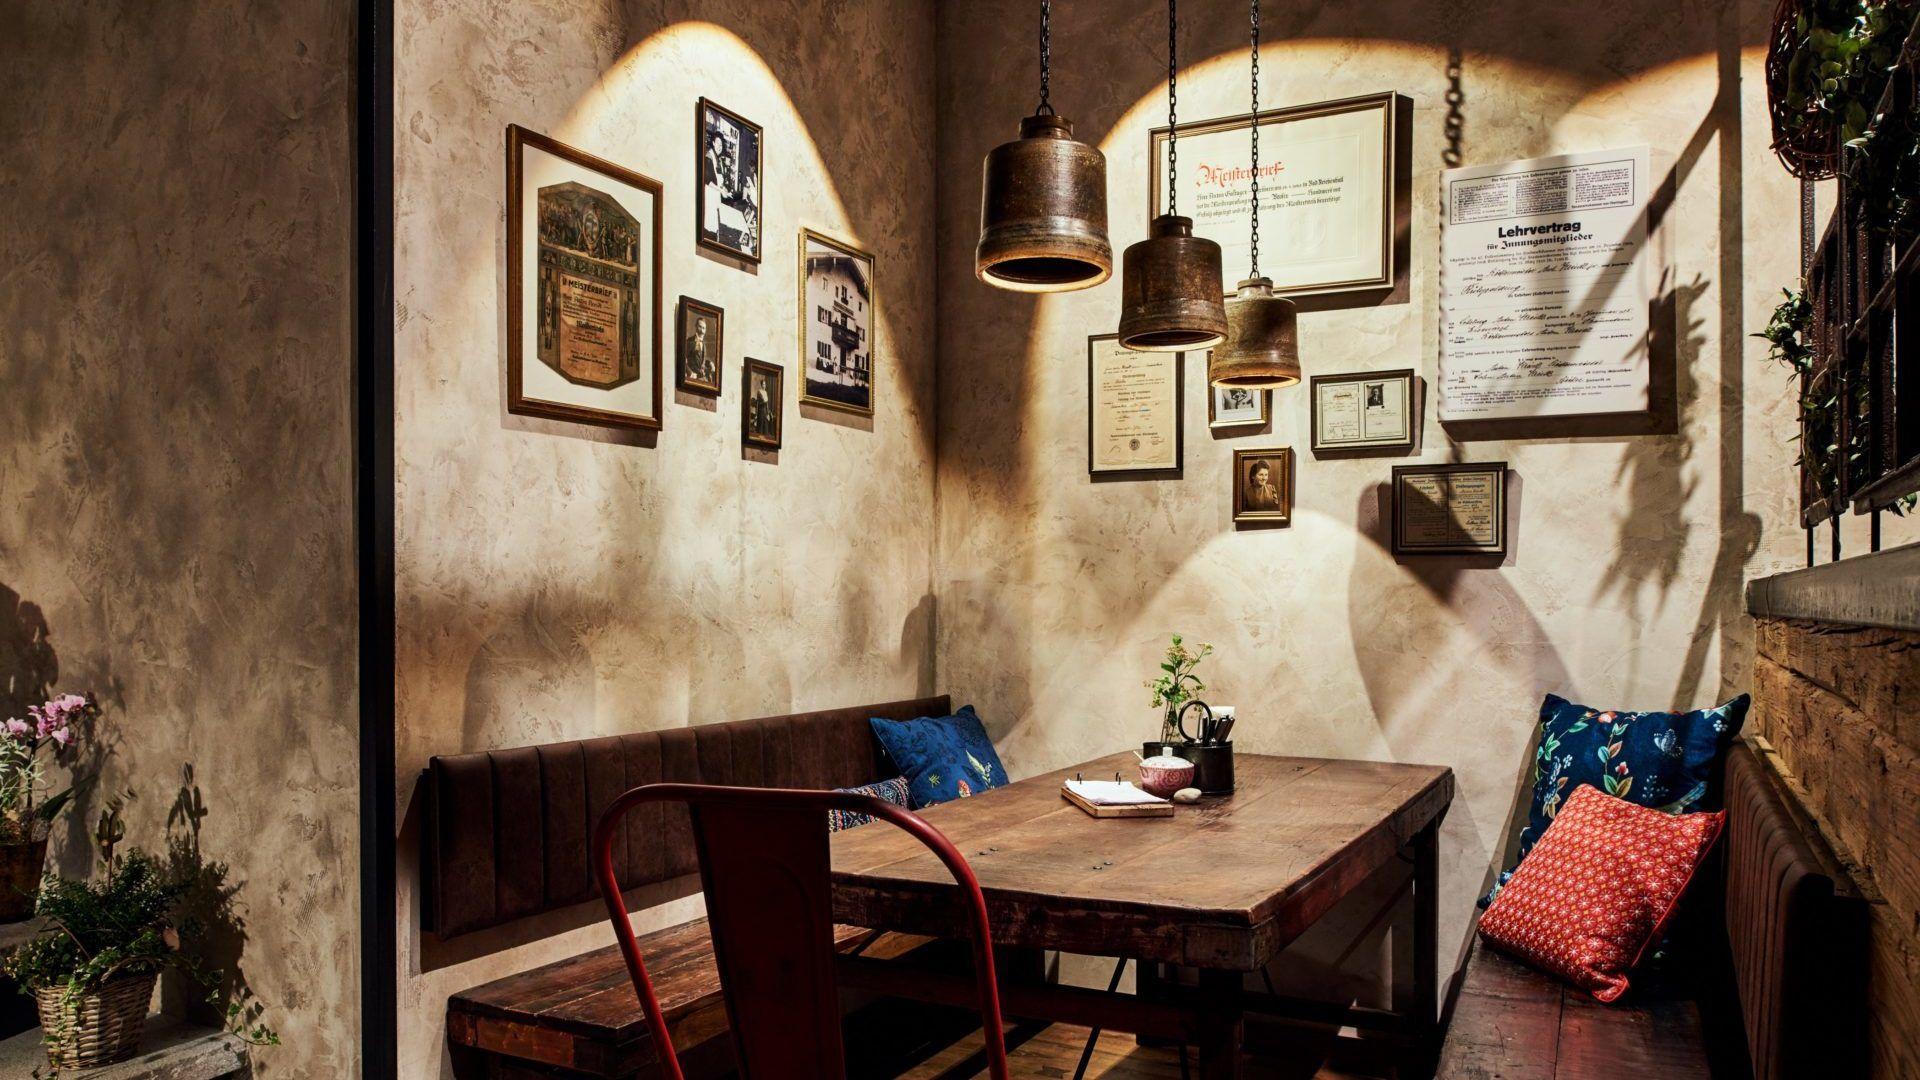 Stimmungsvolle Beleuchtung für Gastronomie nur mit Lichtplanung